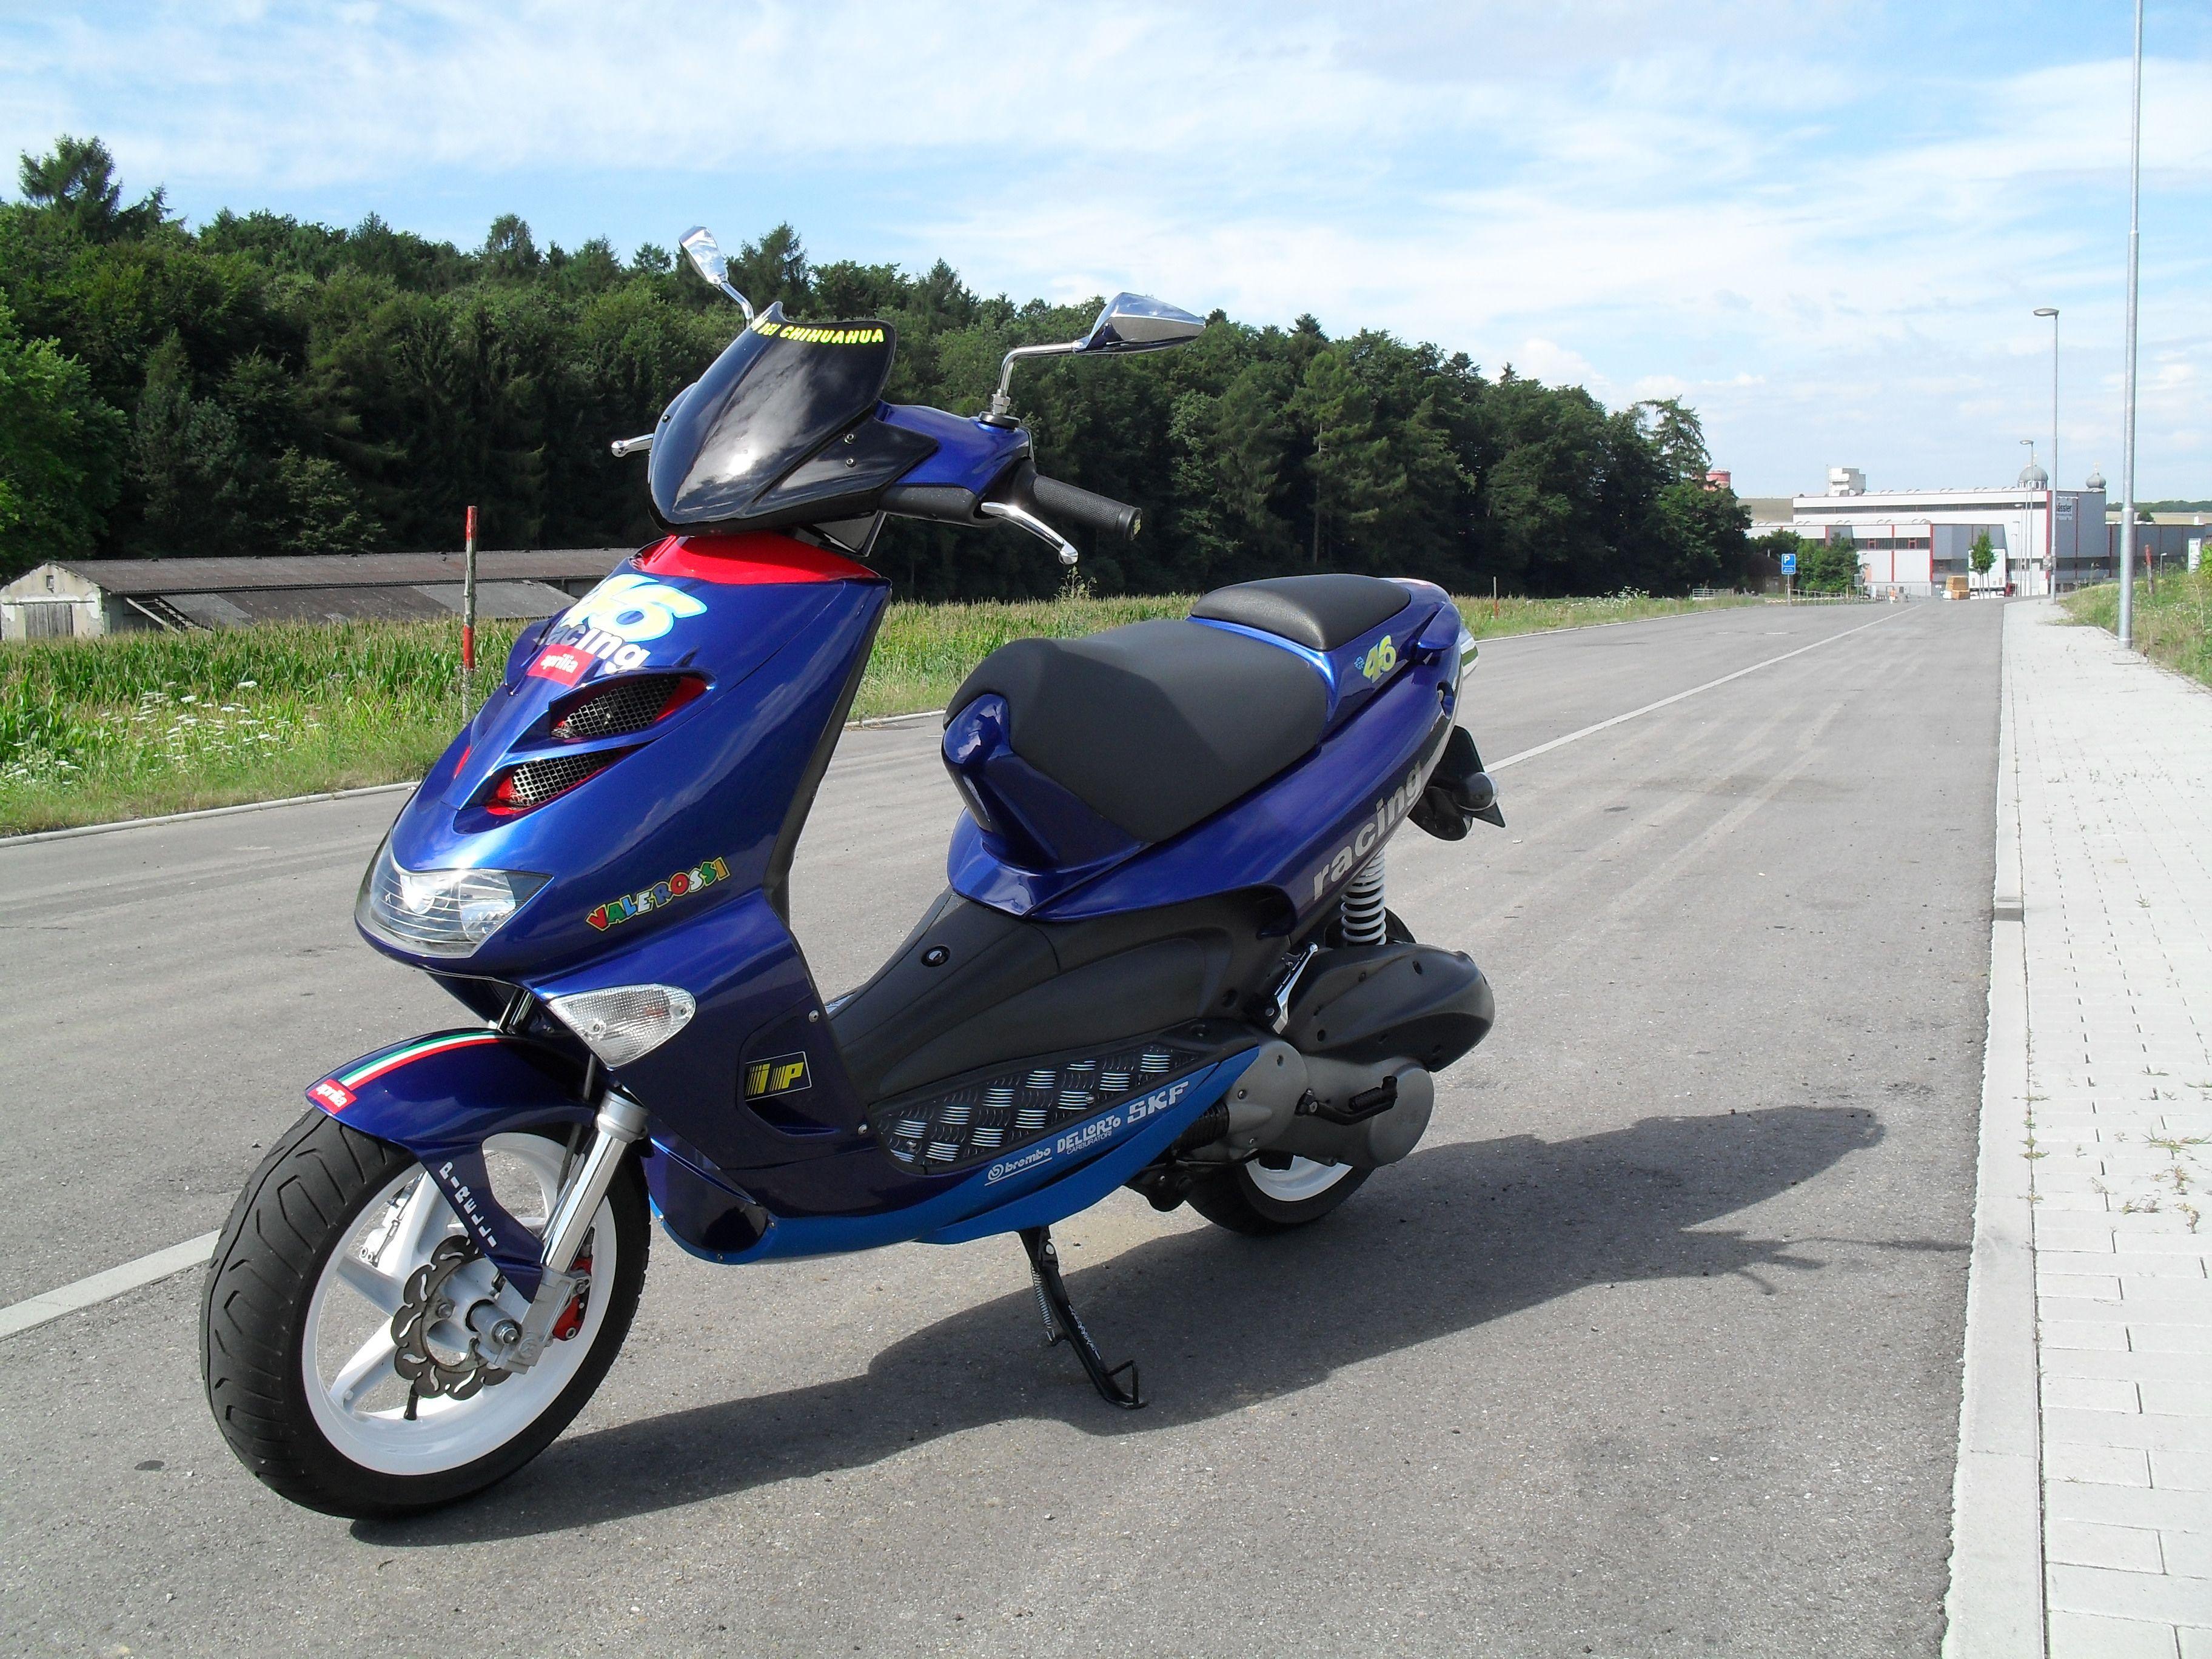 """Aprilia SR125 """"Valerossi Edition"""" Maxiscooter / Scooter"""